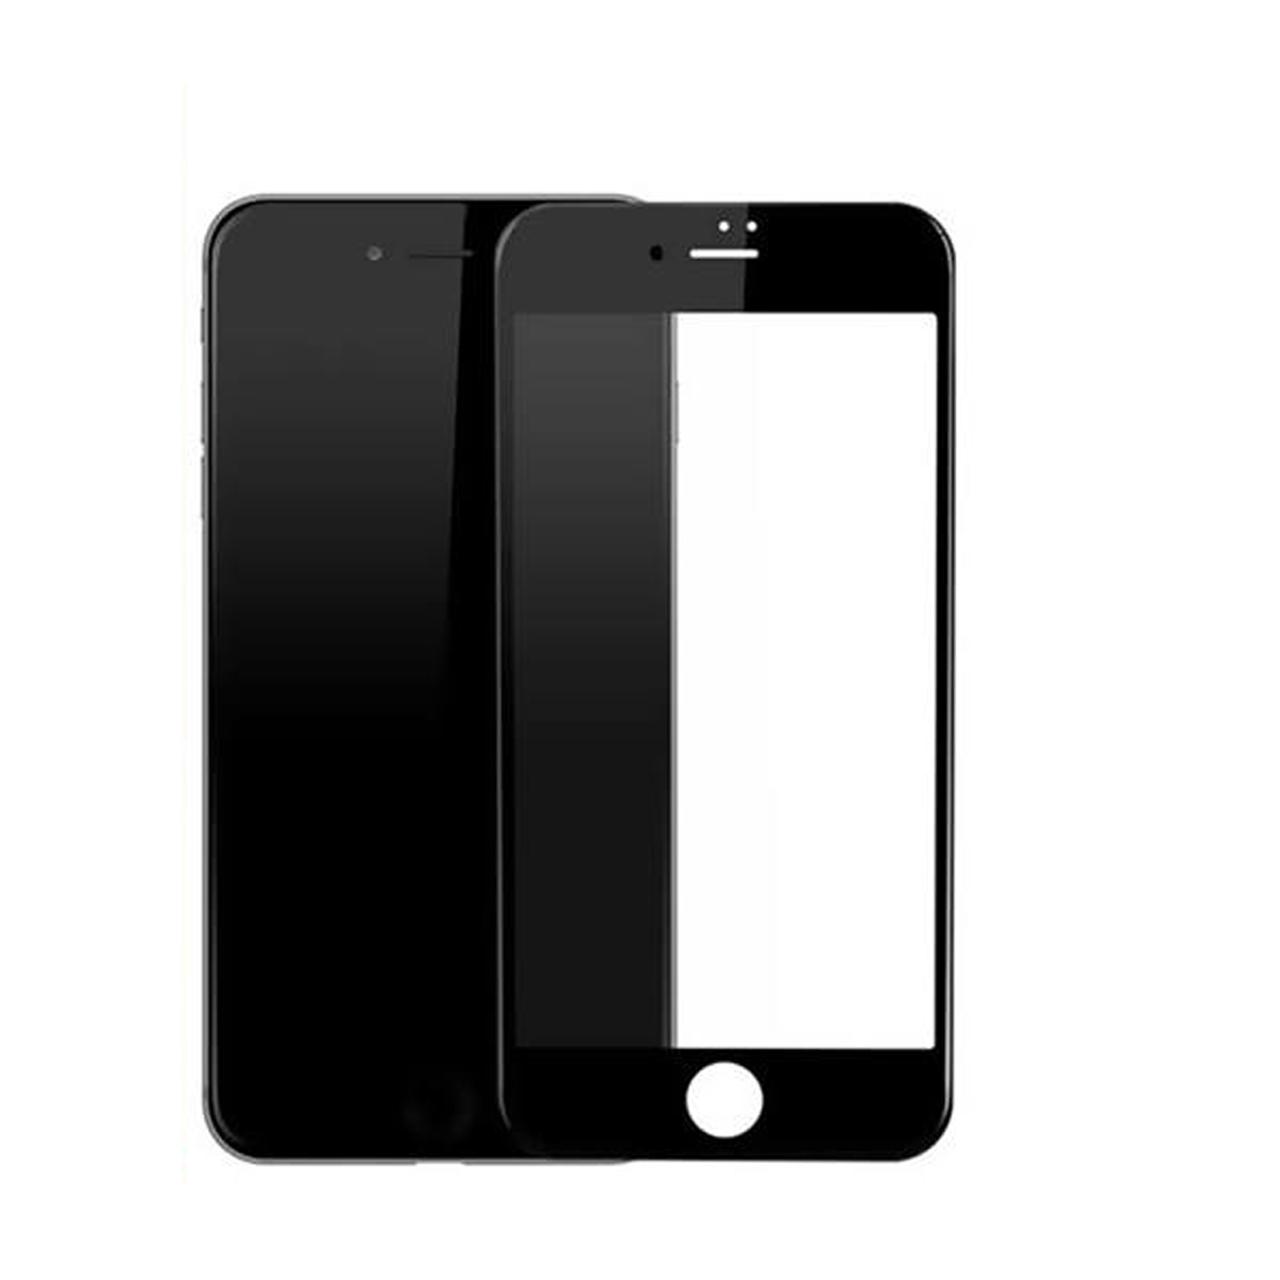 محافظ صفحه نمایش 9D ایبیزا مدل IBI_3 مناسب برای گوشی موبایل اپل Iphone 8 بسته سه عددی